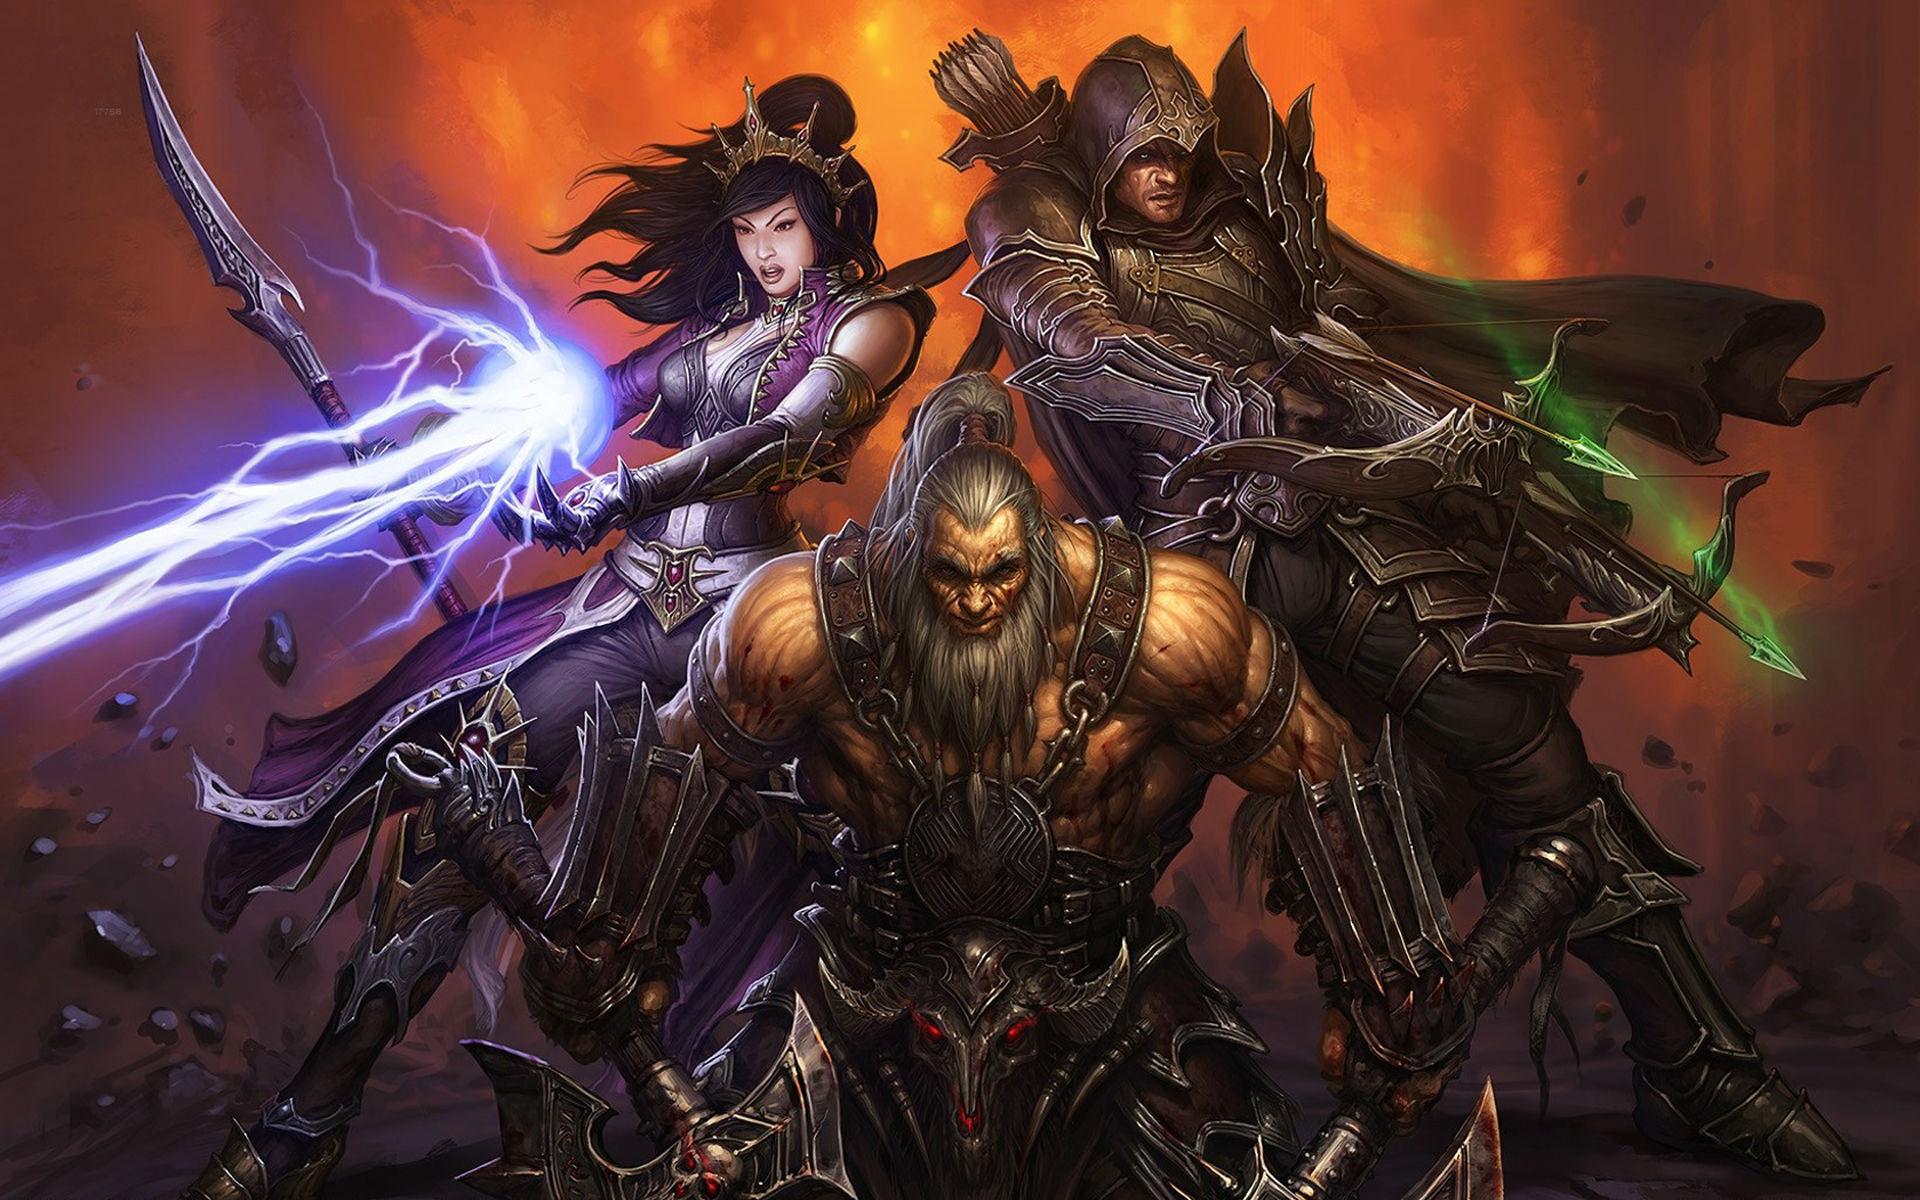 Diablo III HD Wallpaper